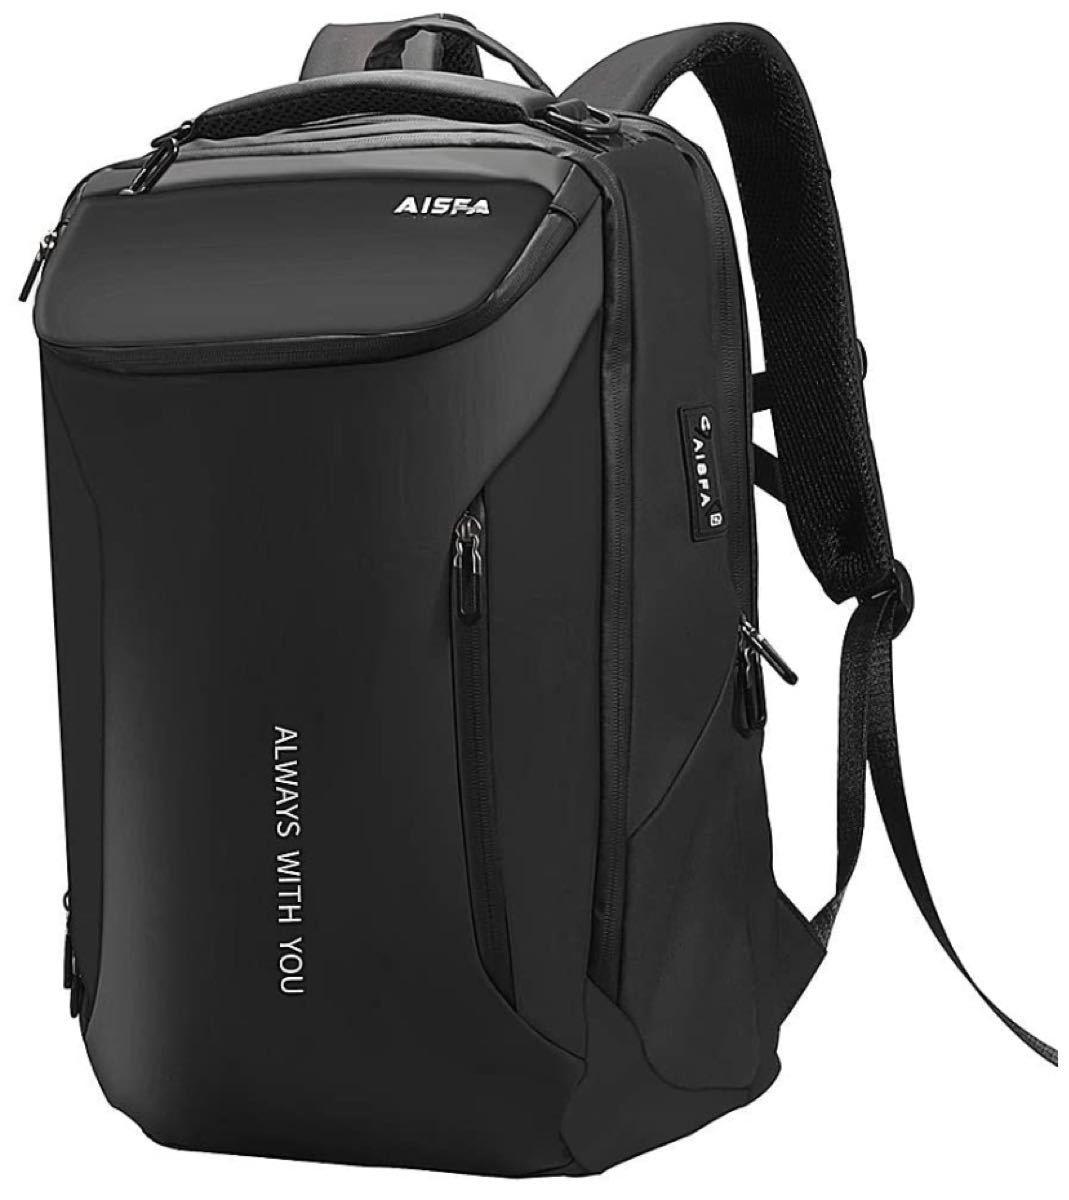 リュック メンズ リュックサック ラップトップバック  PC ビジネスリュック 大容量 bag 30L USB充電機能付き